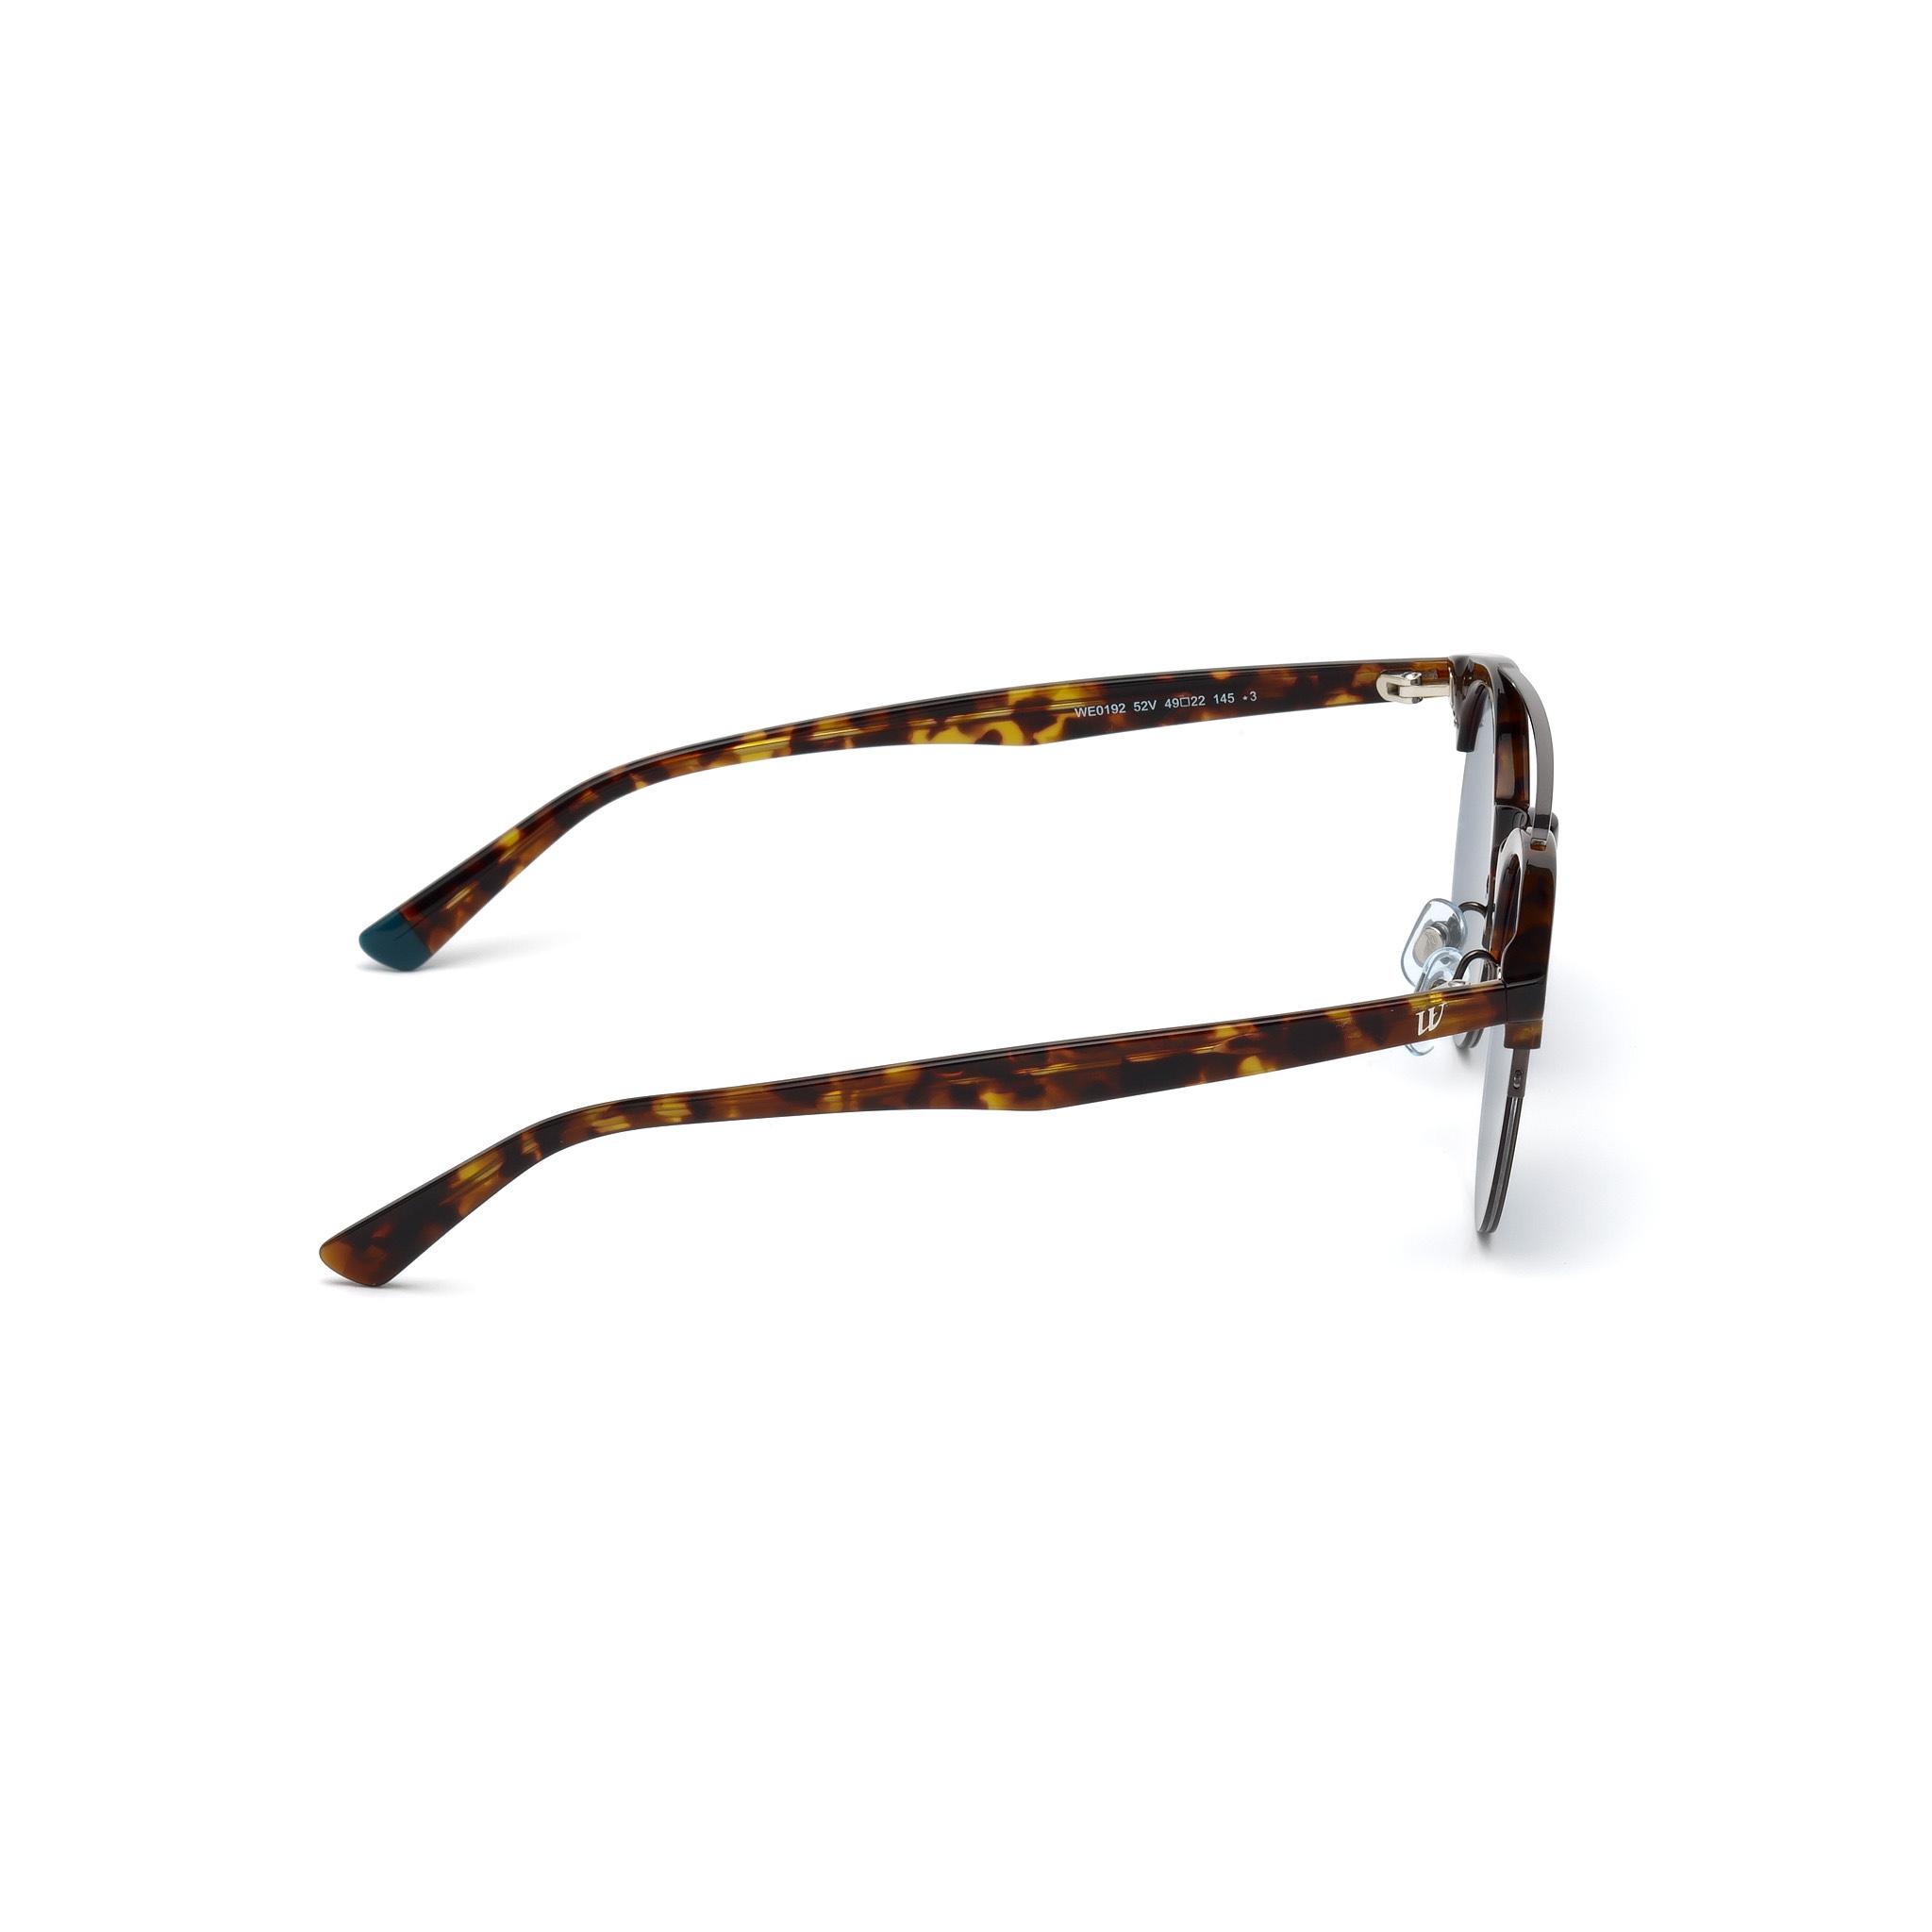 lunettes non optiques HEEFEN 4 paires de lunettes rondes r/étro monture unisexe en m/étal monture de lentille claire montures de lunettes